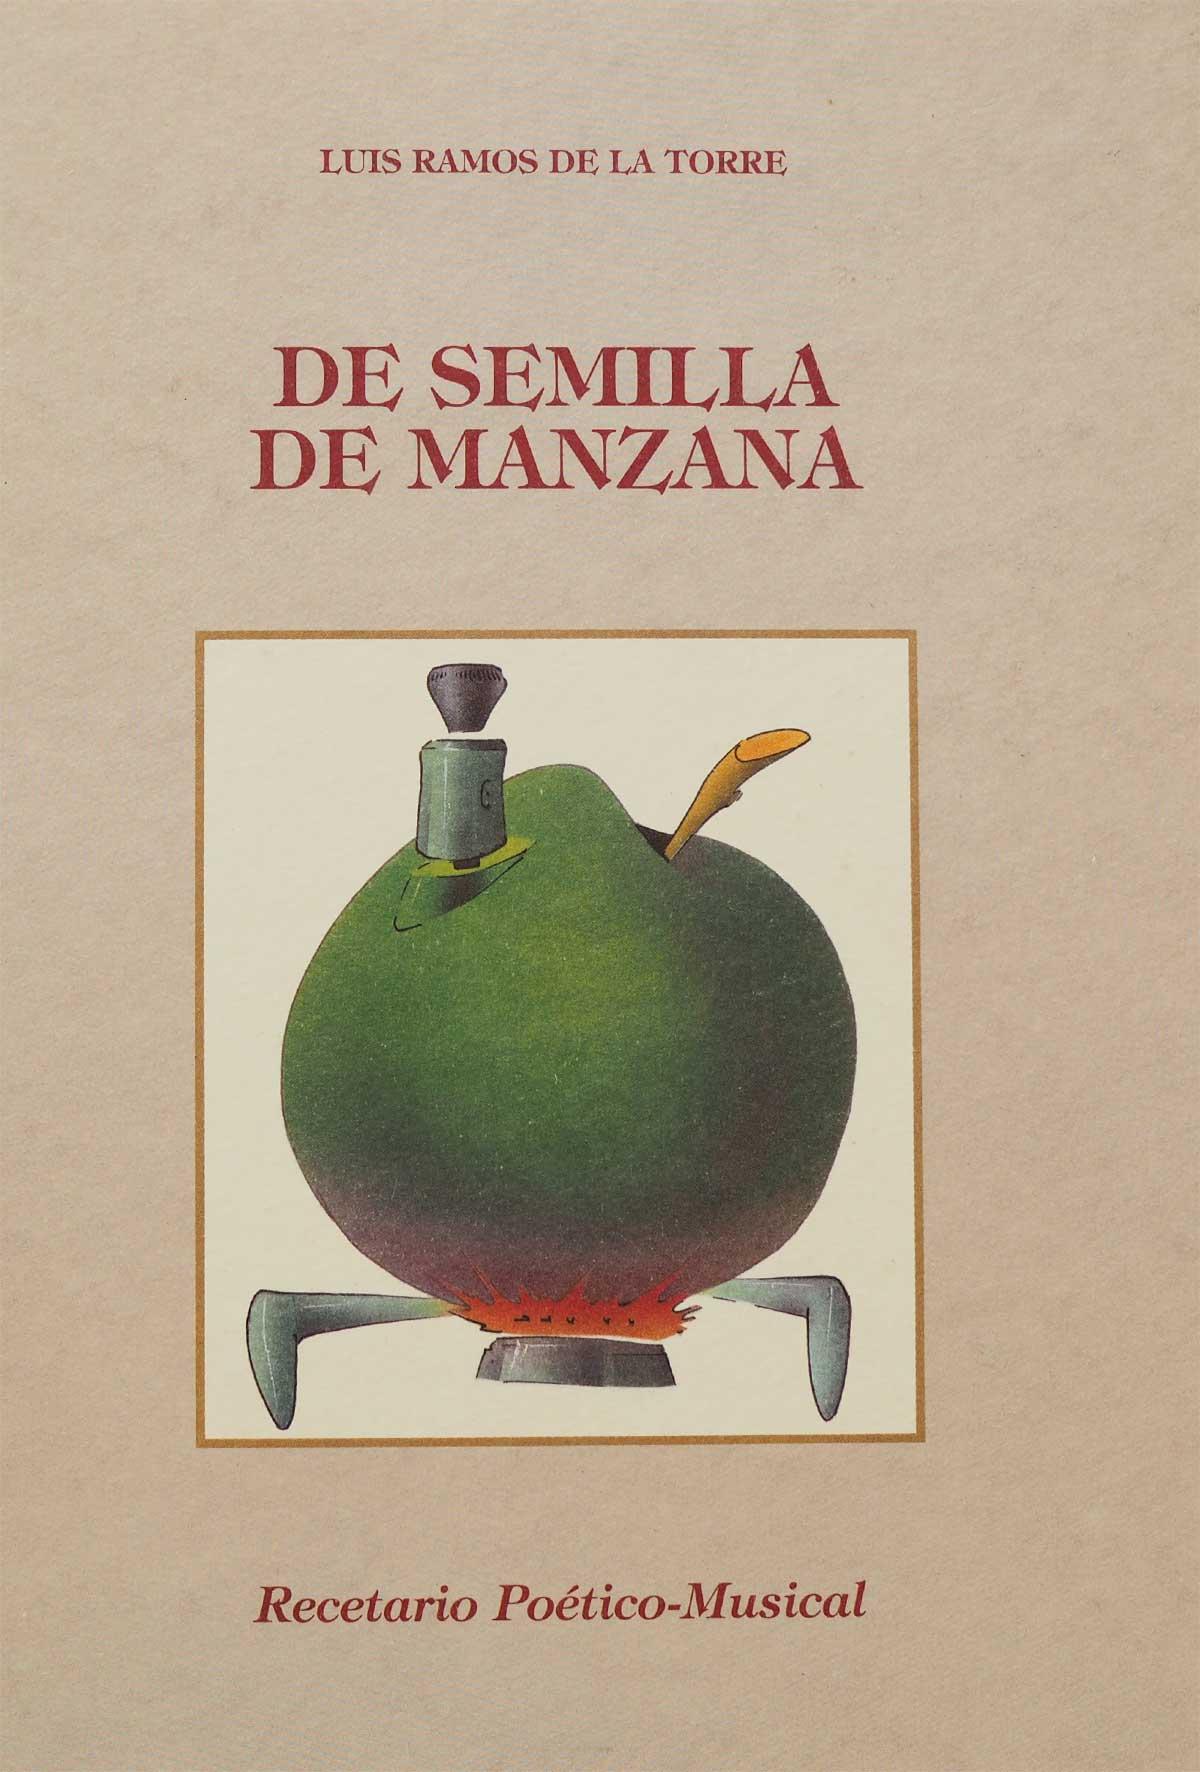 semilla-manzana-luis-ramos-torre-cancion-popular-editorial-semuret